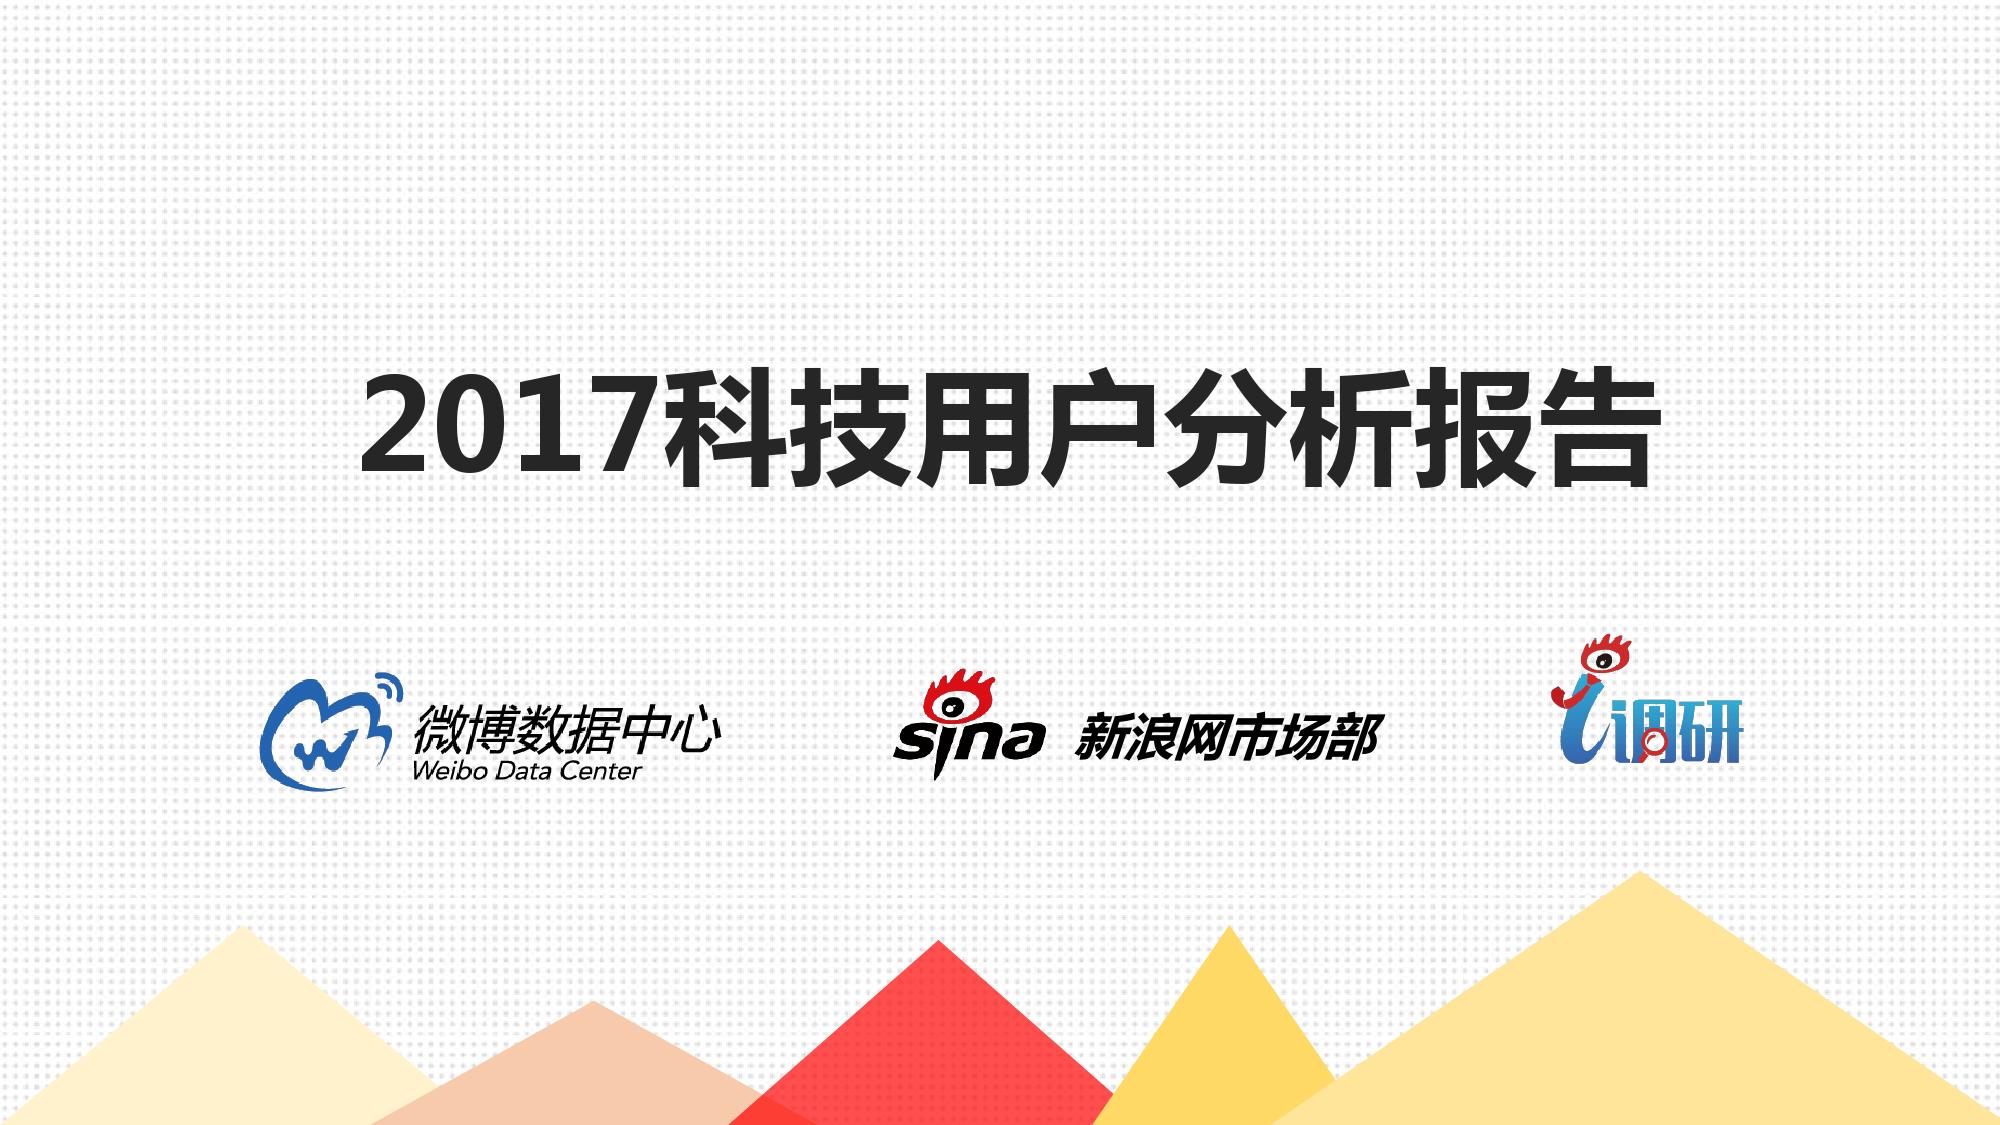 微博数据中心:2017科技用户分析报告(附下载)